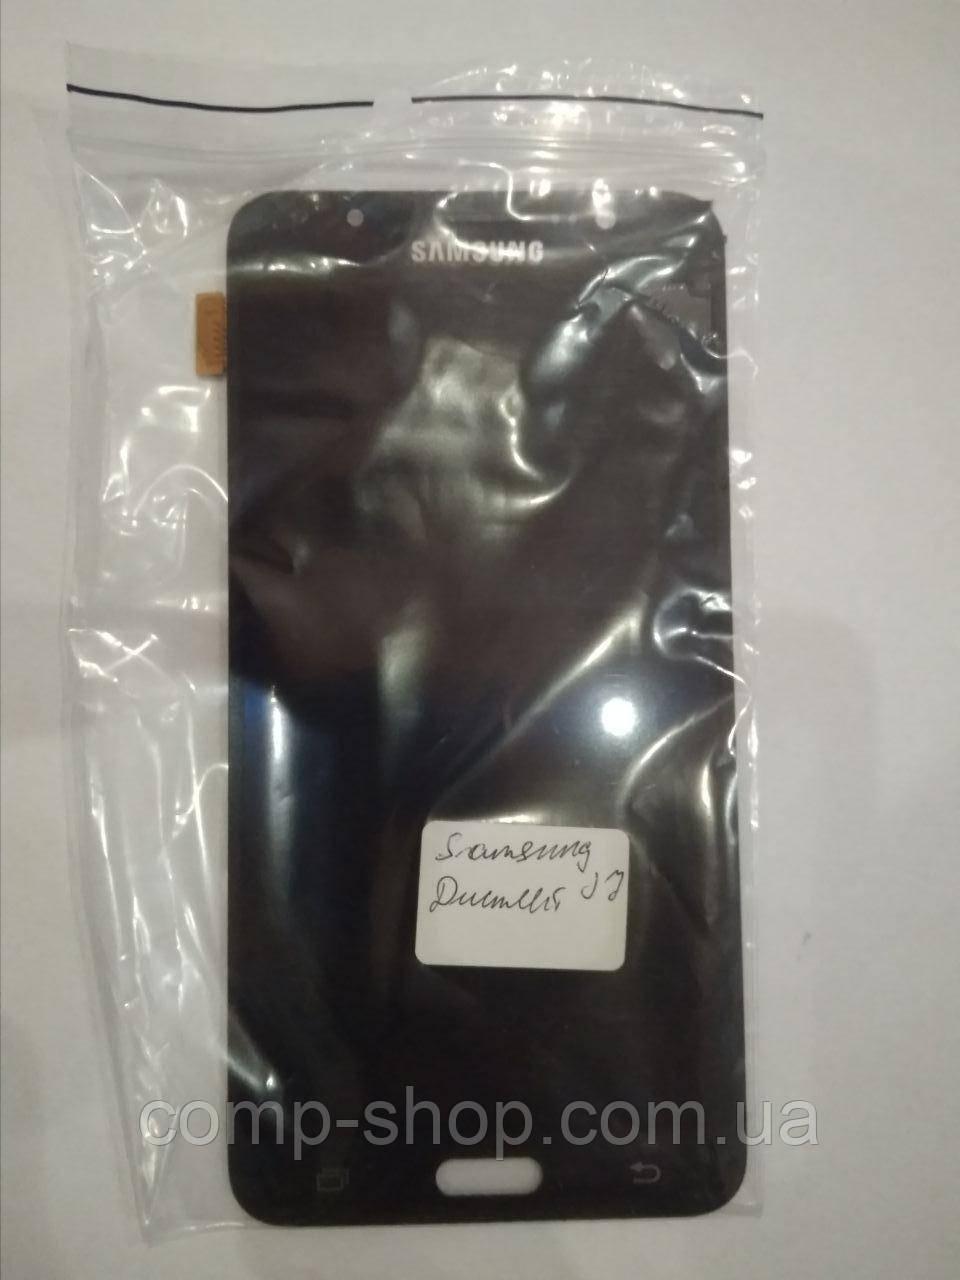 Дисплей Samsung J7 оригинал бу, запчасть с разборки